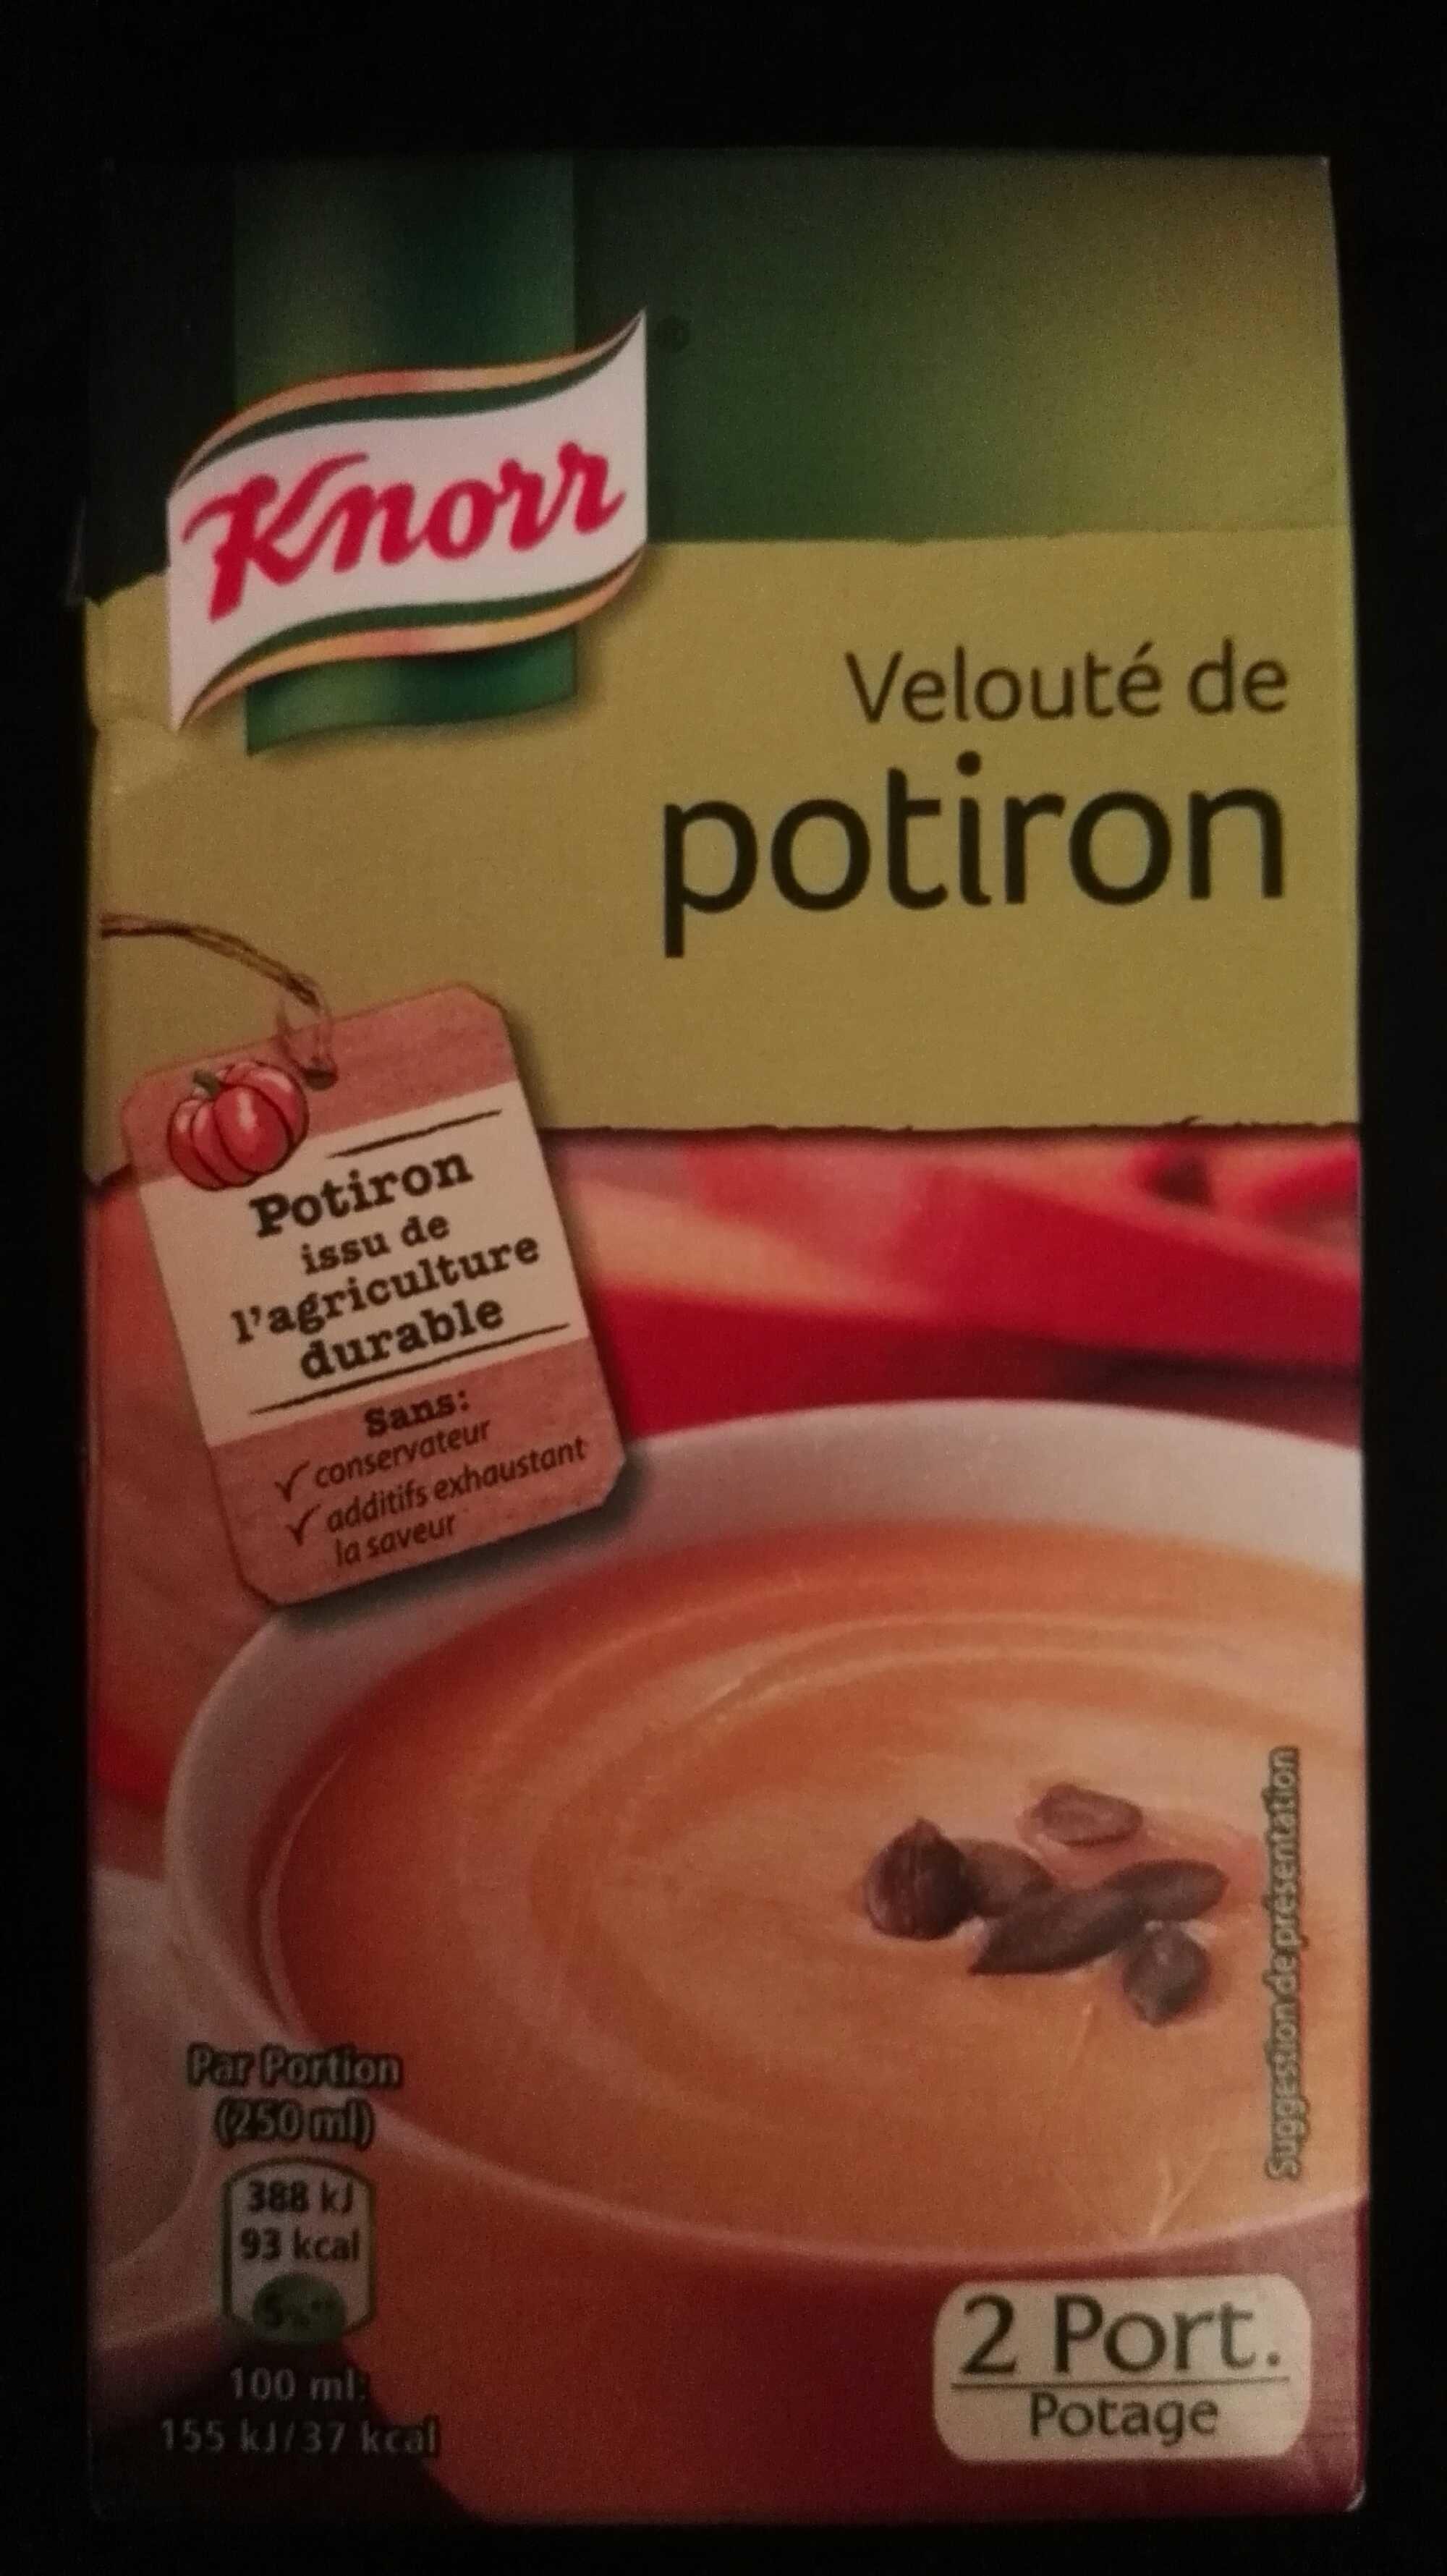 Velouté de potiron - Product - fr